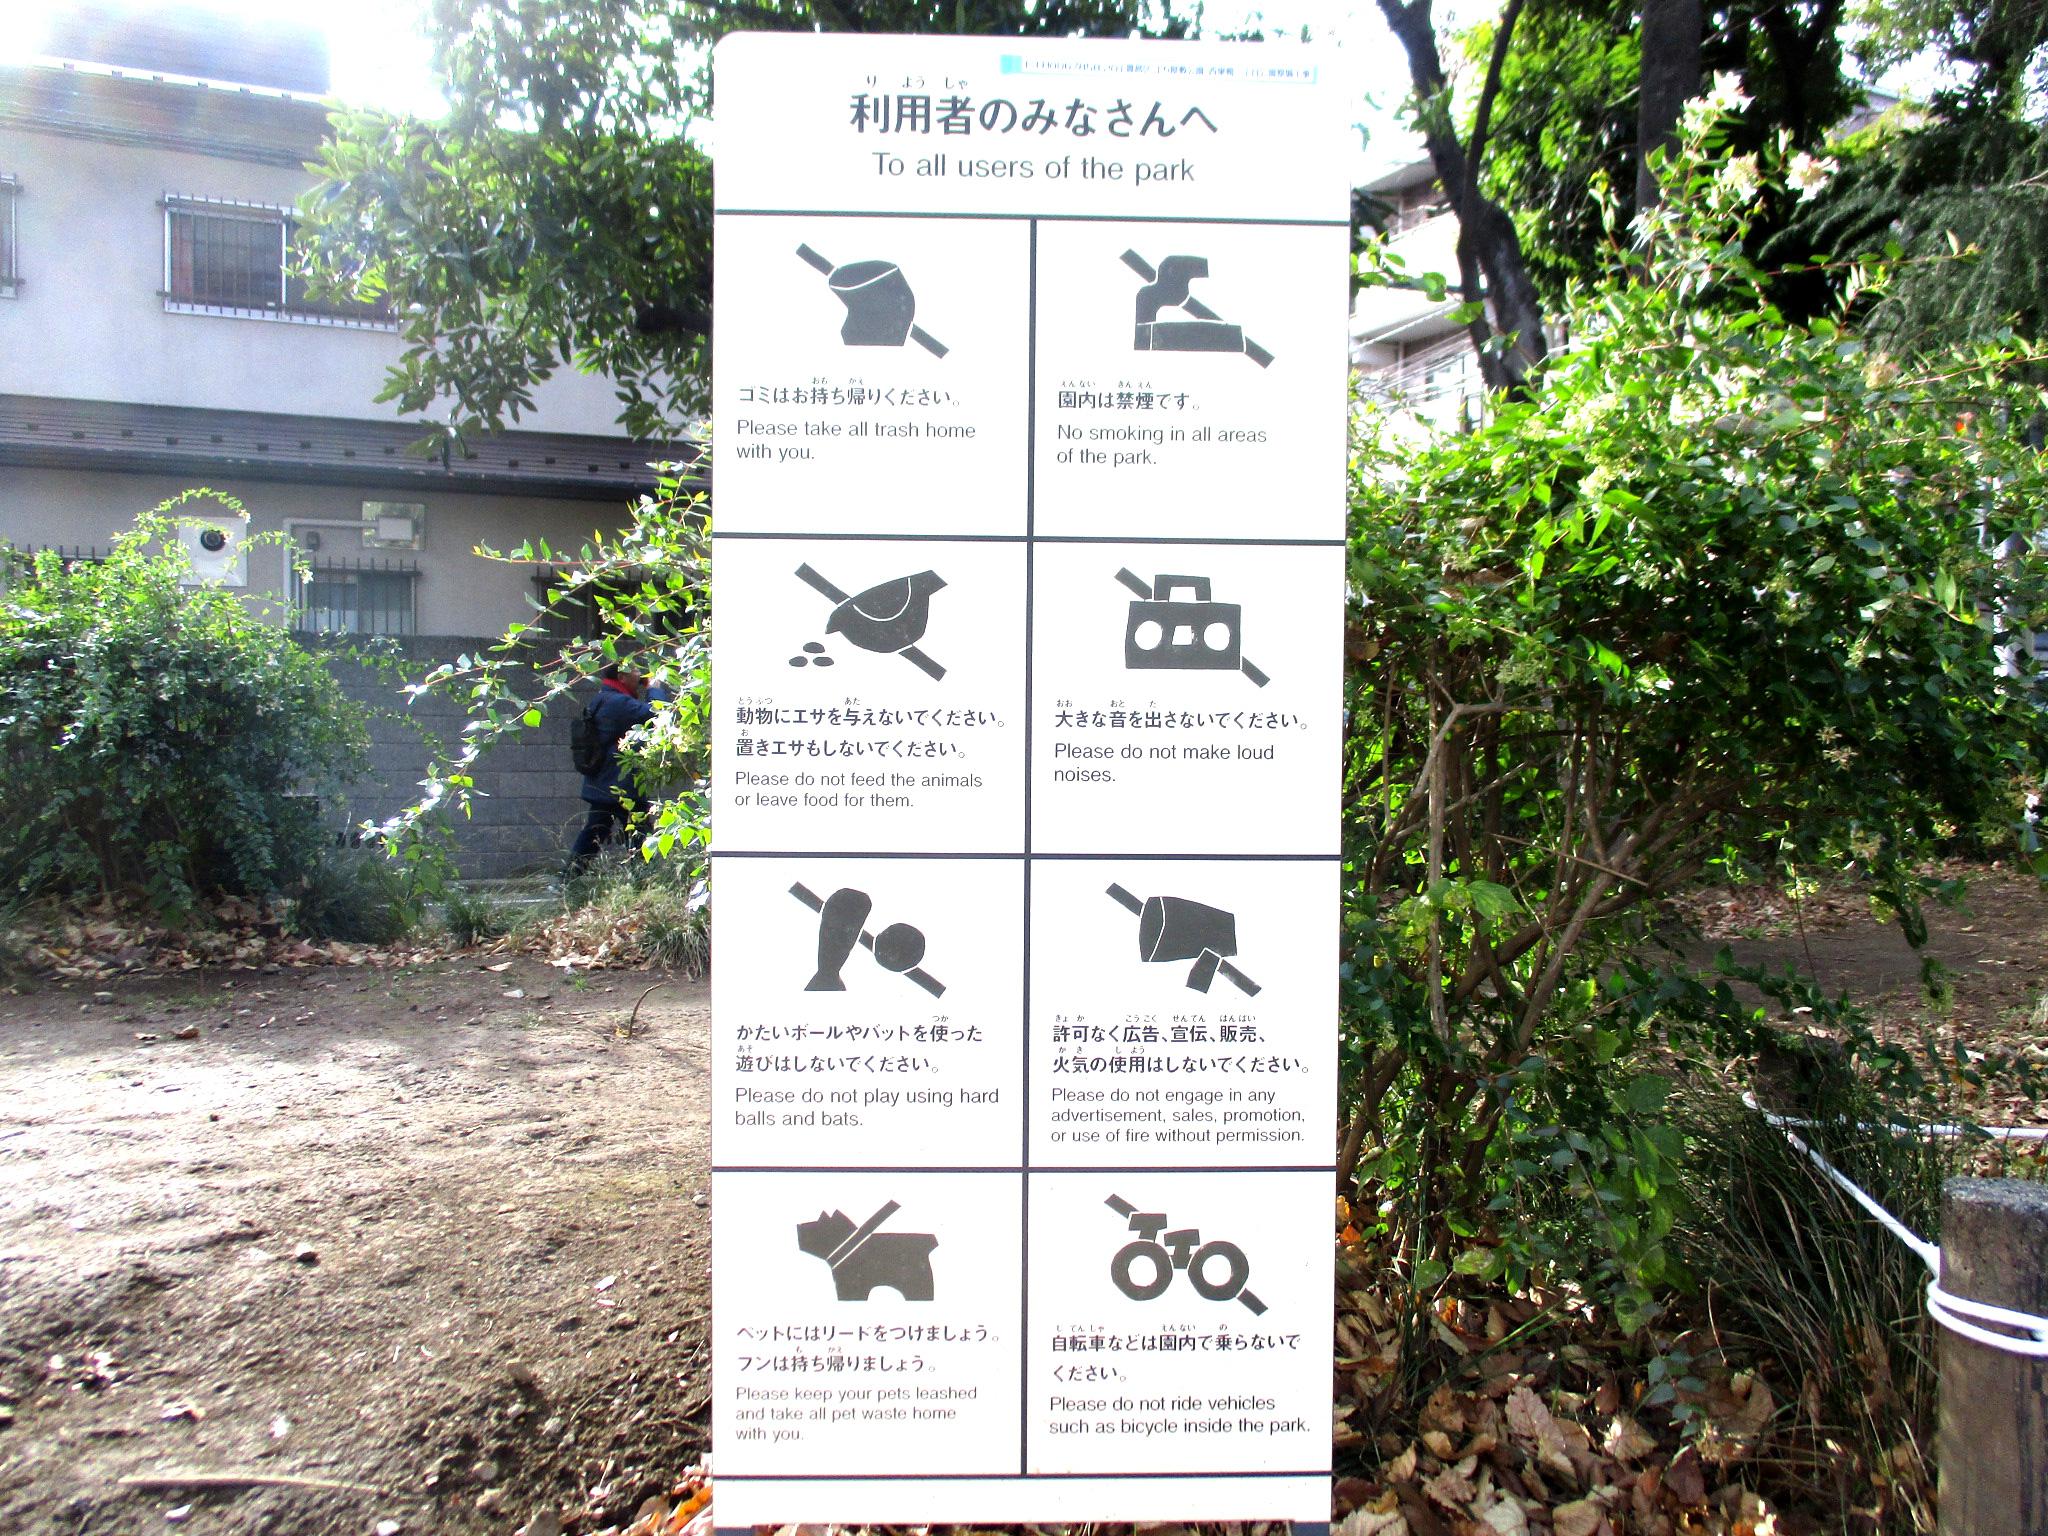 これまでバラバラに立てられていた公園での禁止事項看板をひとつにまとめた「お約束看板」。良品計画がデザインした